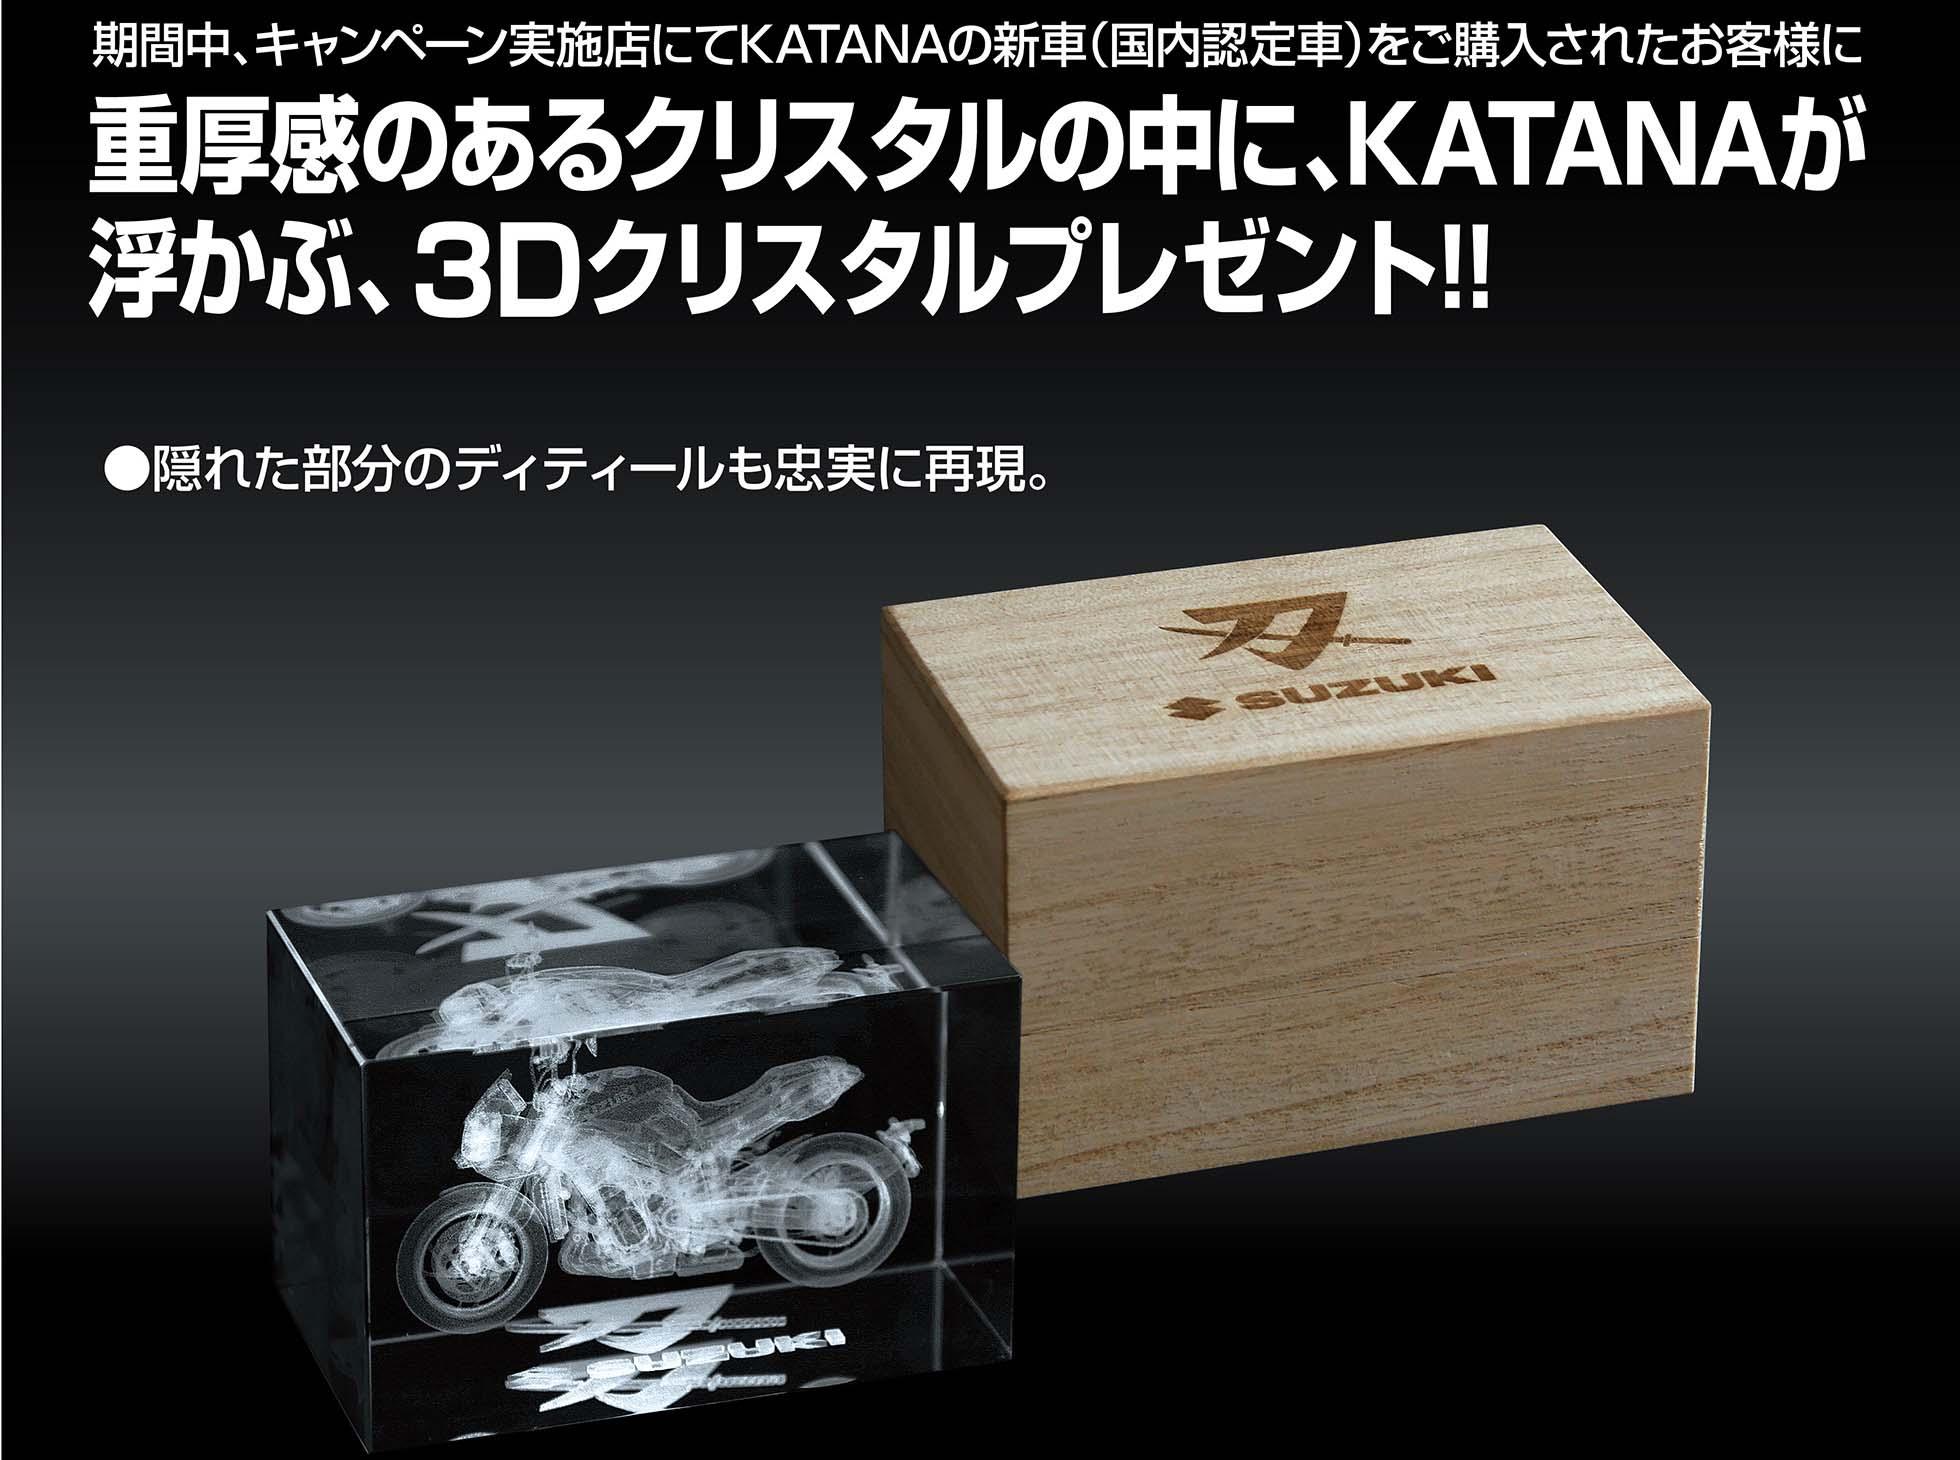 KATANAが浮かぶ、3Dクリスタルプレゼント!!